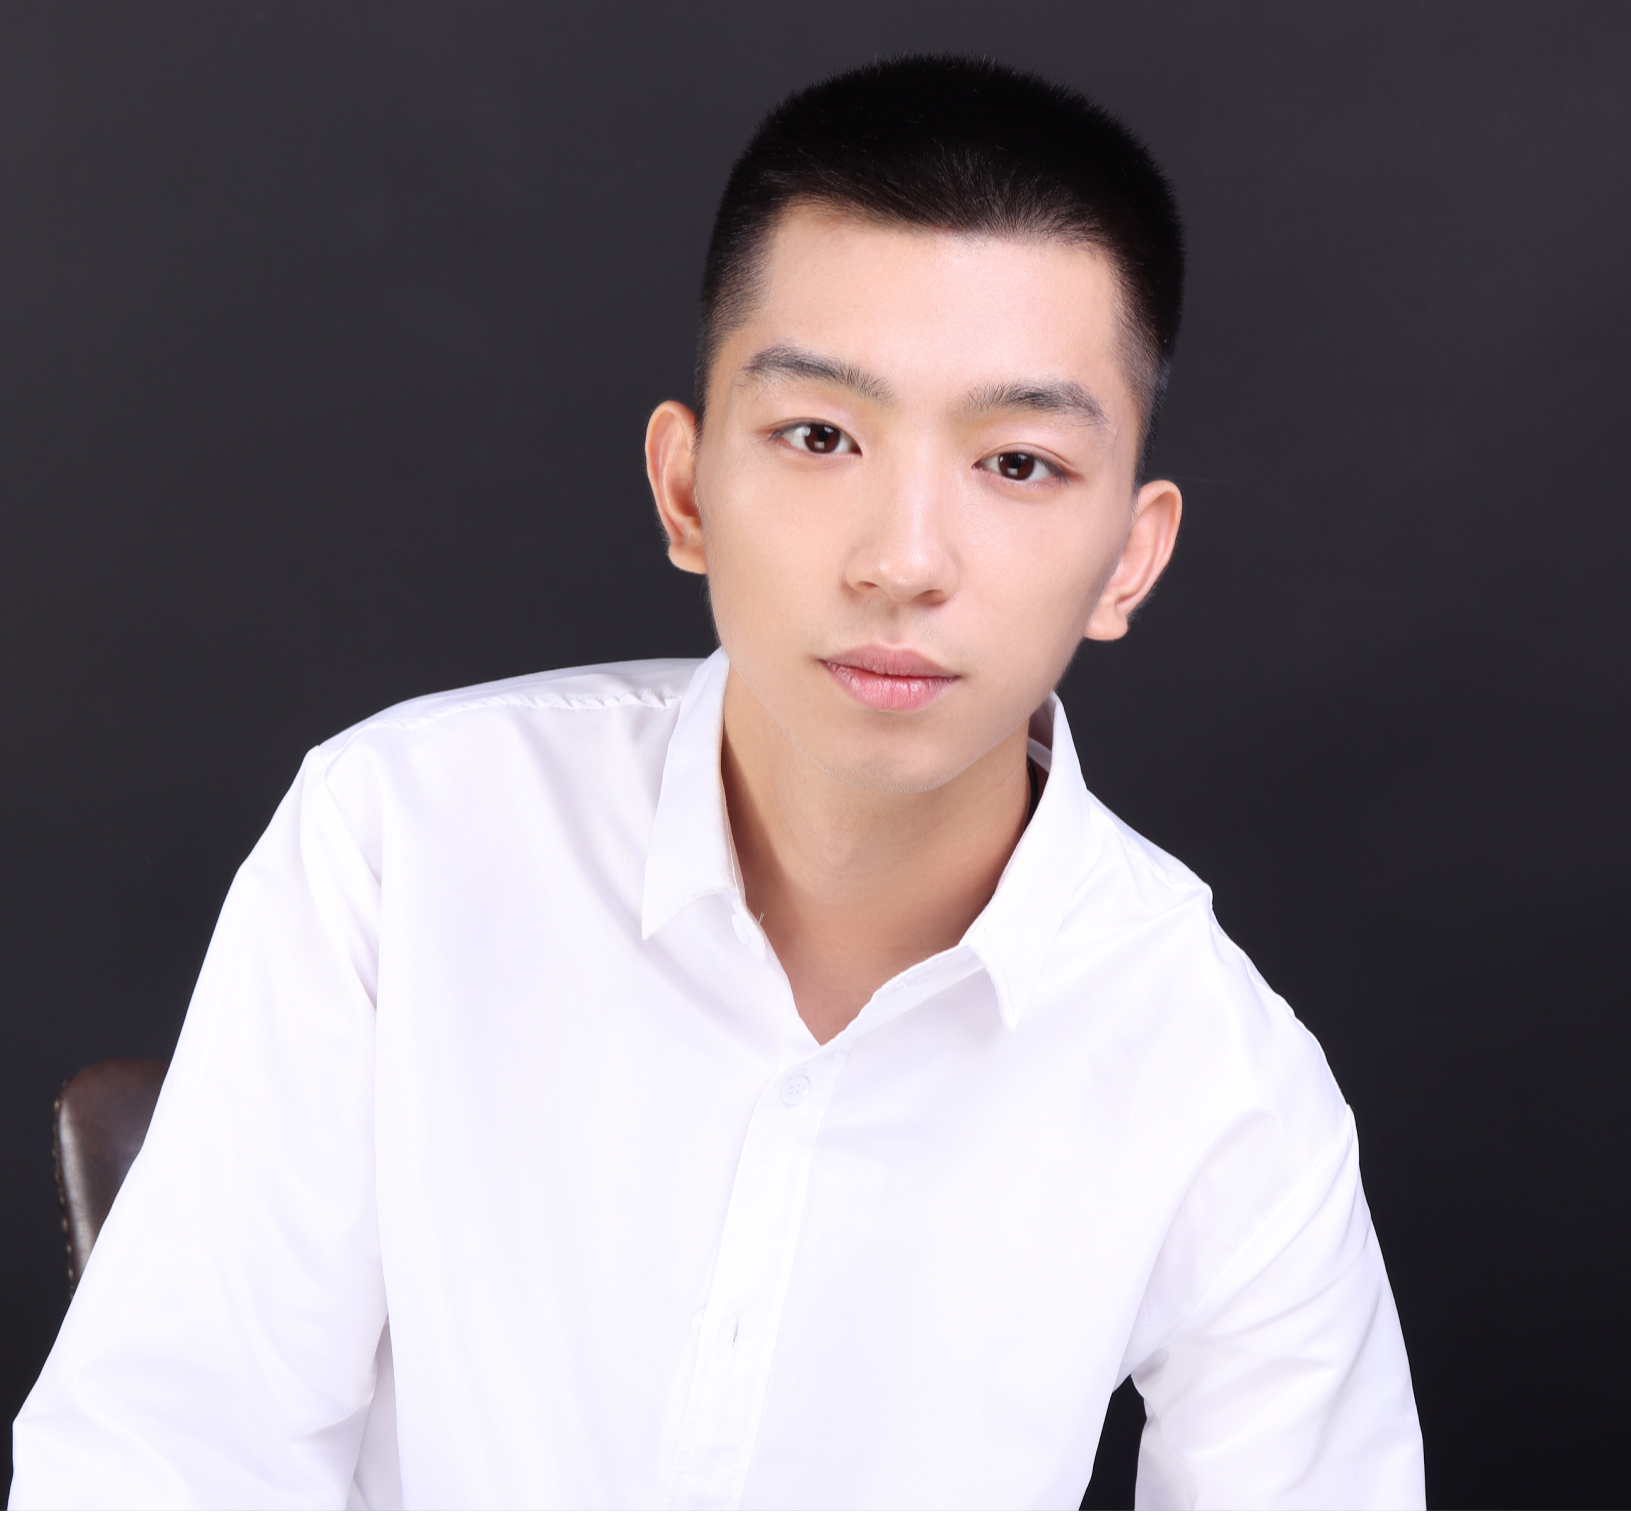 业晟装饰设计师王康鑫